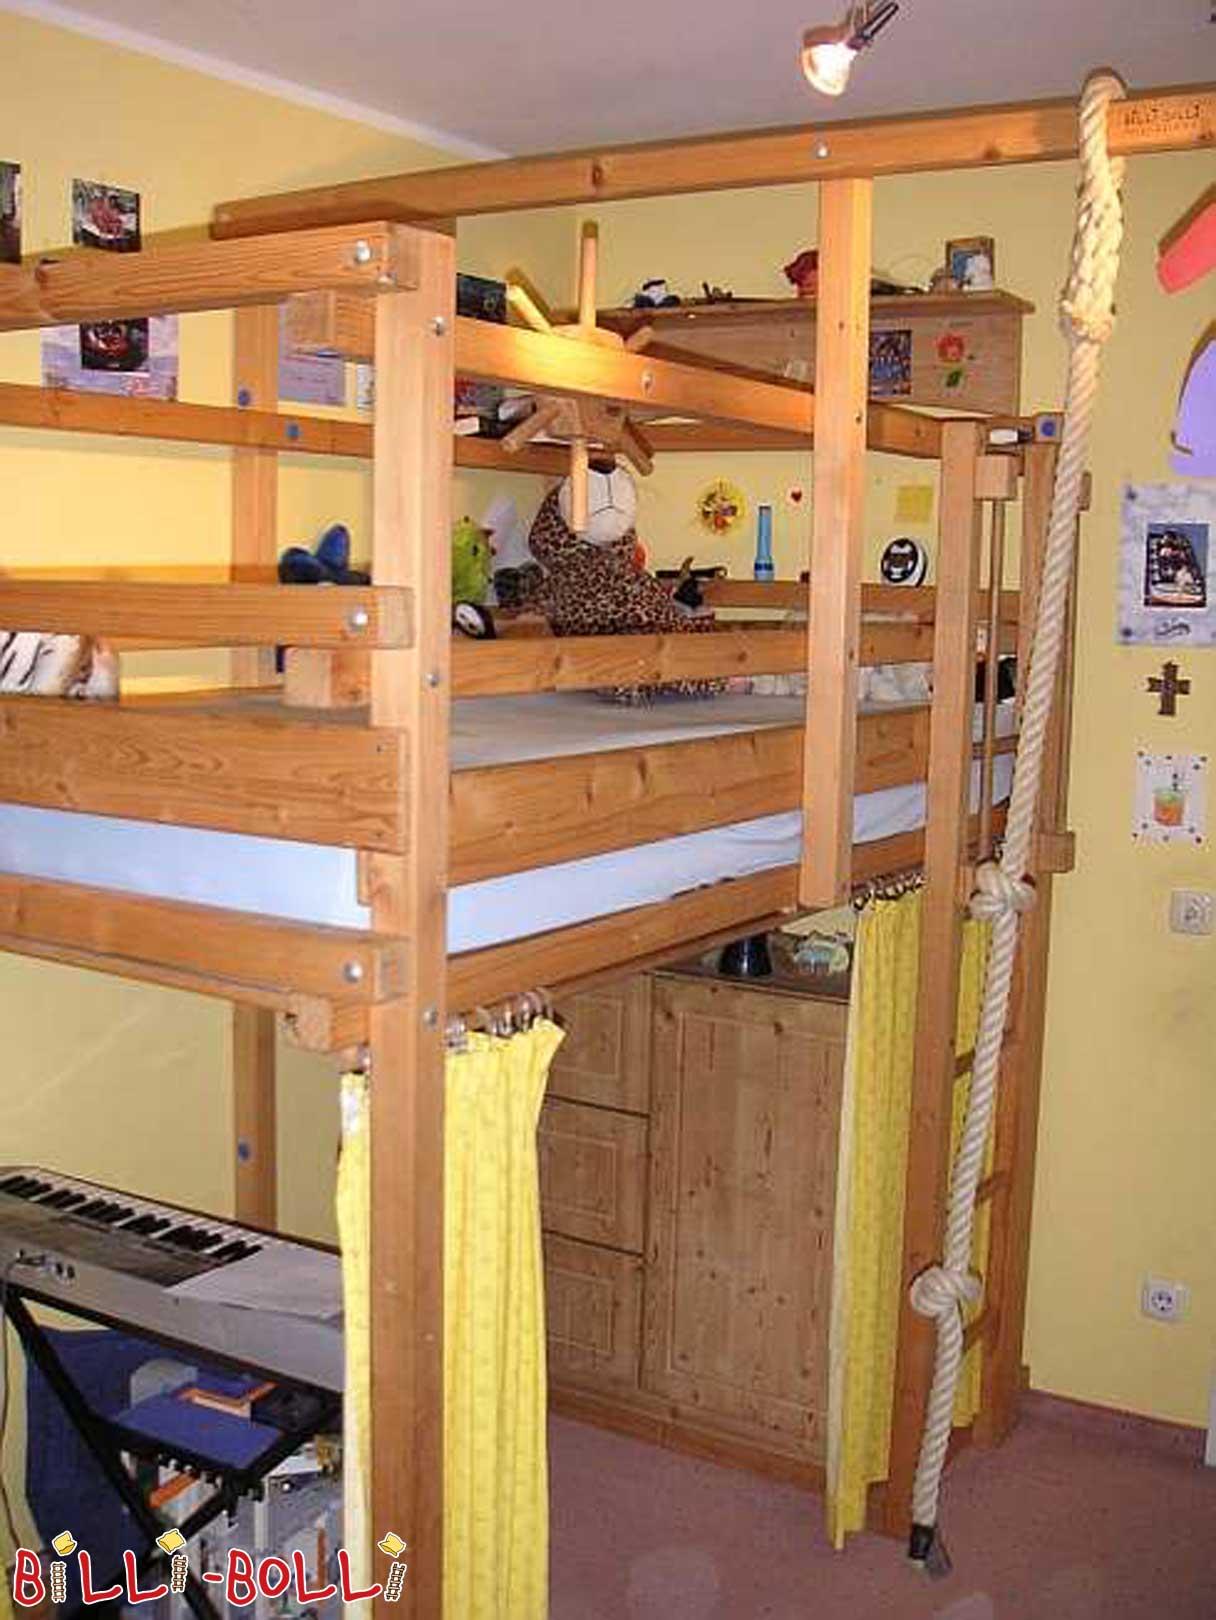 secondhand seite 144 billi bolli kinderm bel. Black Bedroom Furniture Sets. Home Design Ideas